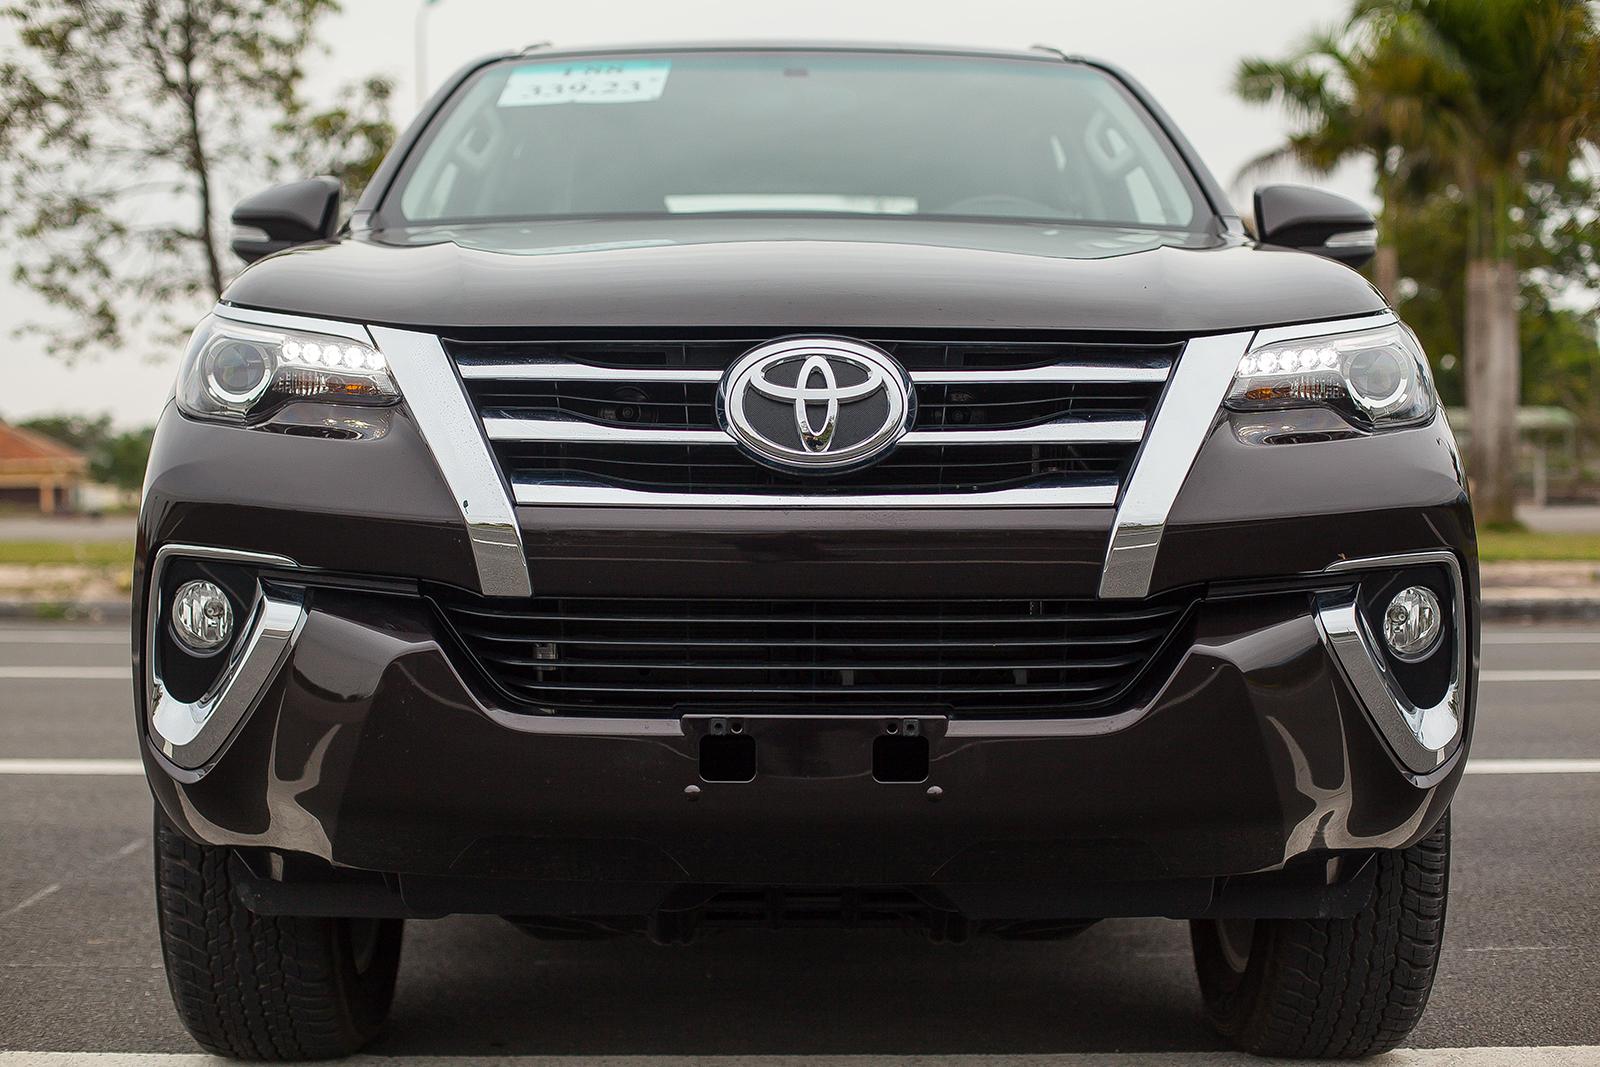 Toyota Fortuner 2017: Như hổ thêm cánh - Ảnh 5.